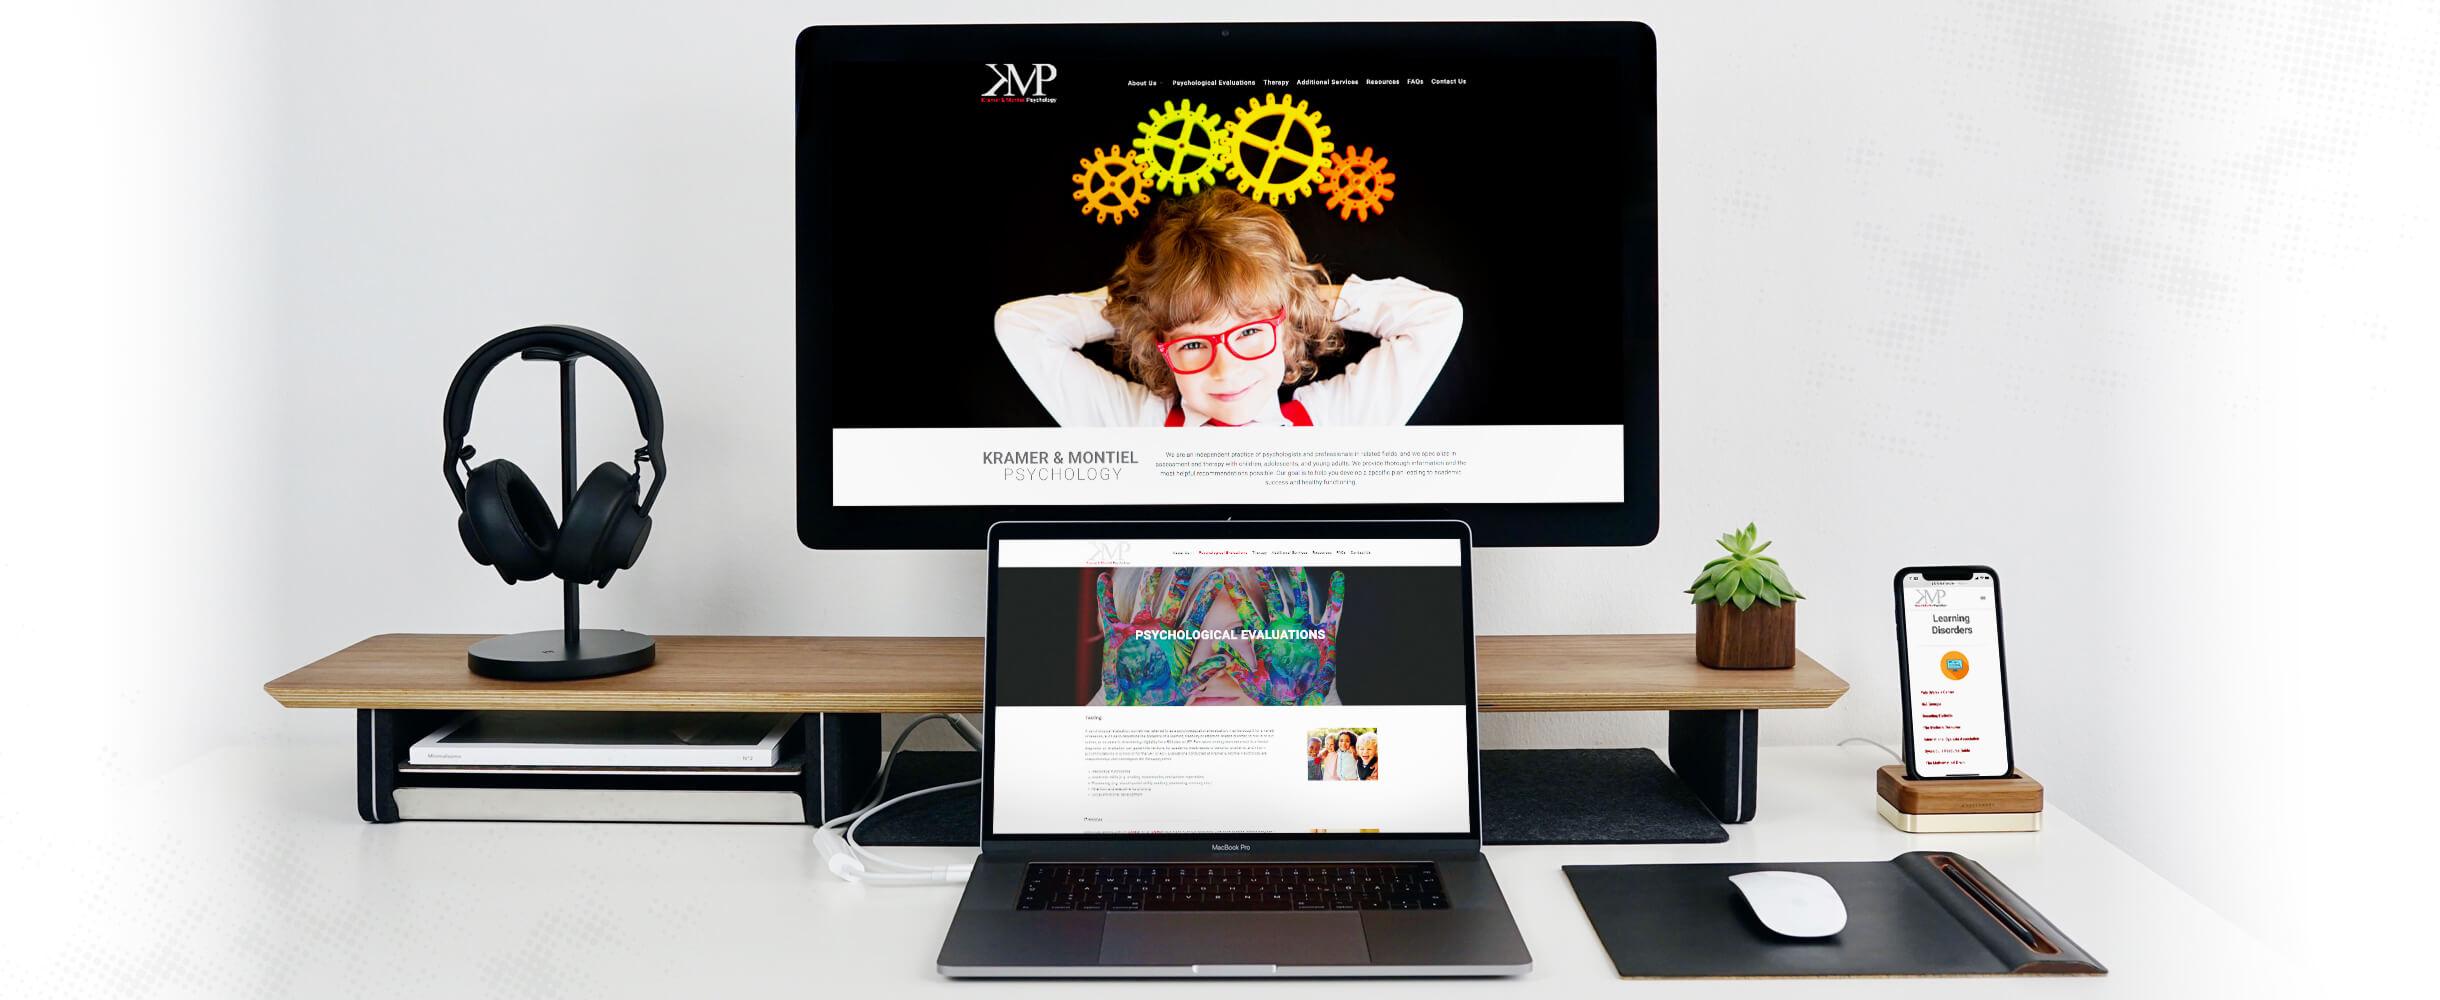 kramer & montiel psychology website images